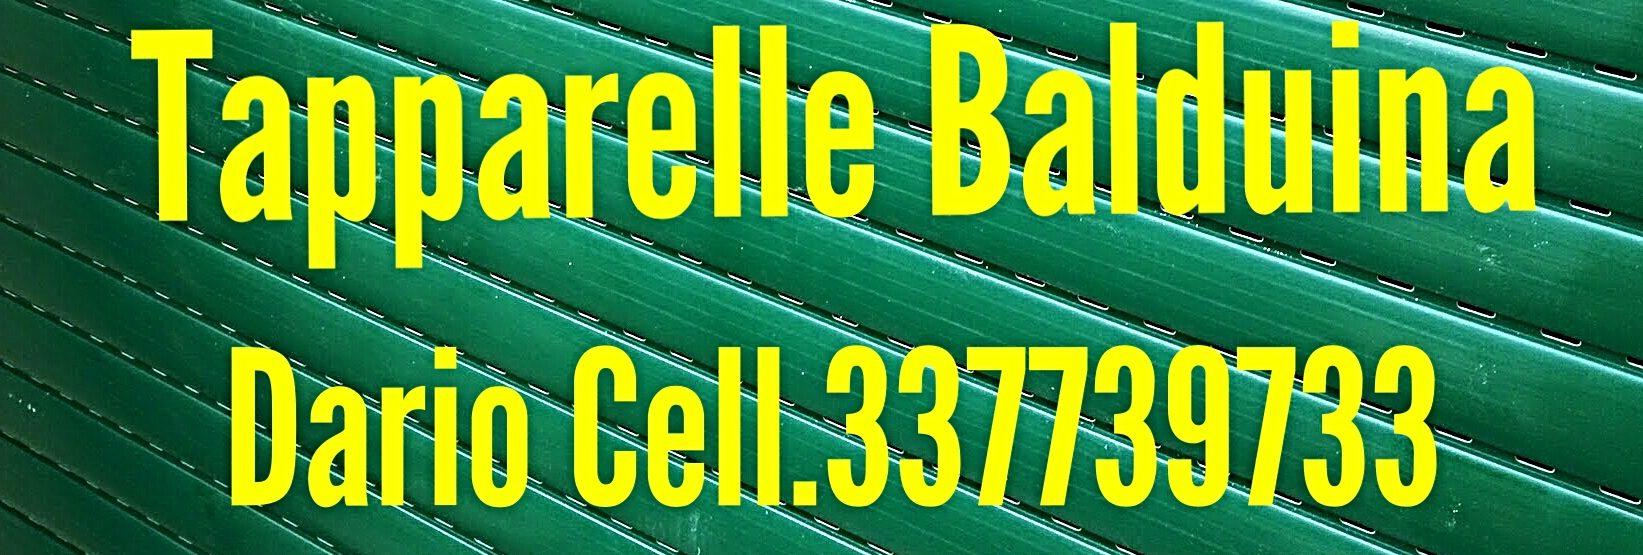 Riparazione serrande tapparelle elettriche Balduina cell 337739733 Dario Riparazione Serrande BALDUINA MEDAGLIE D'ORO Roma